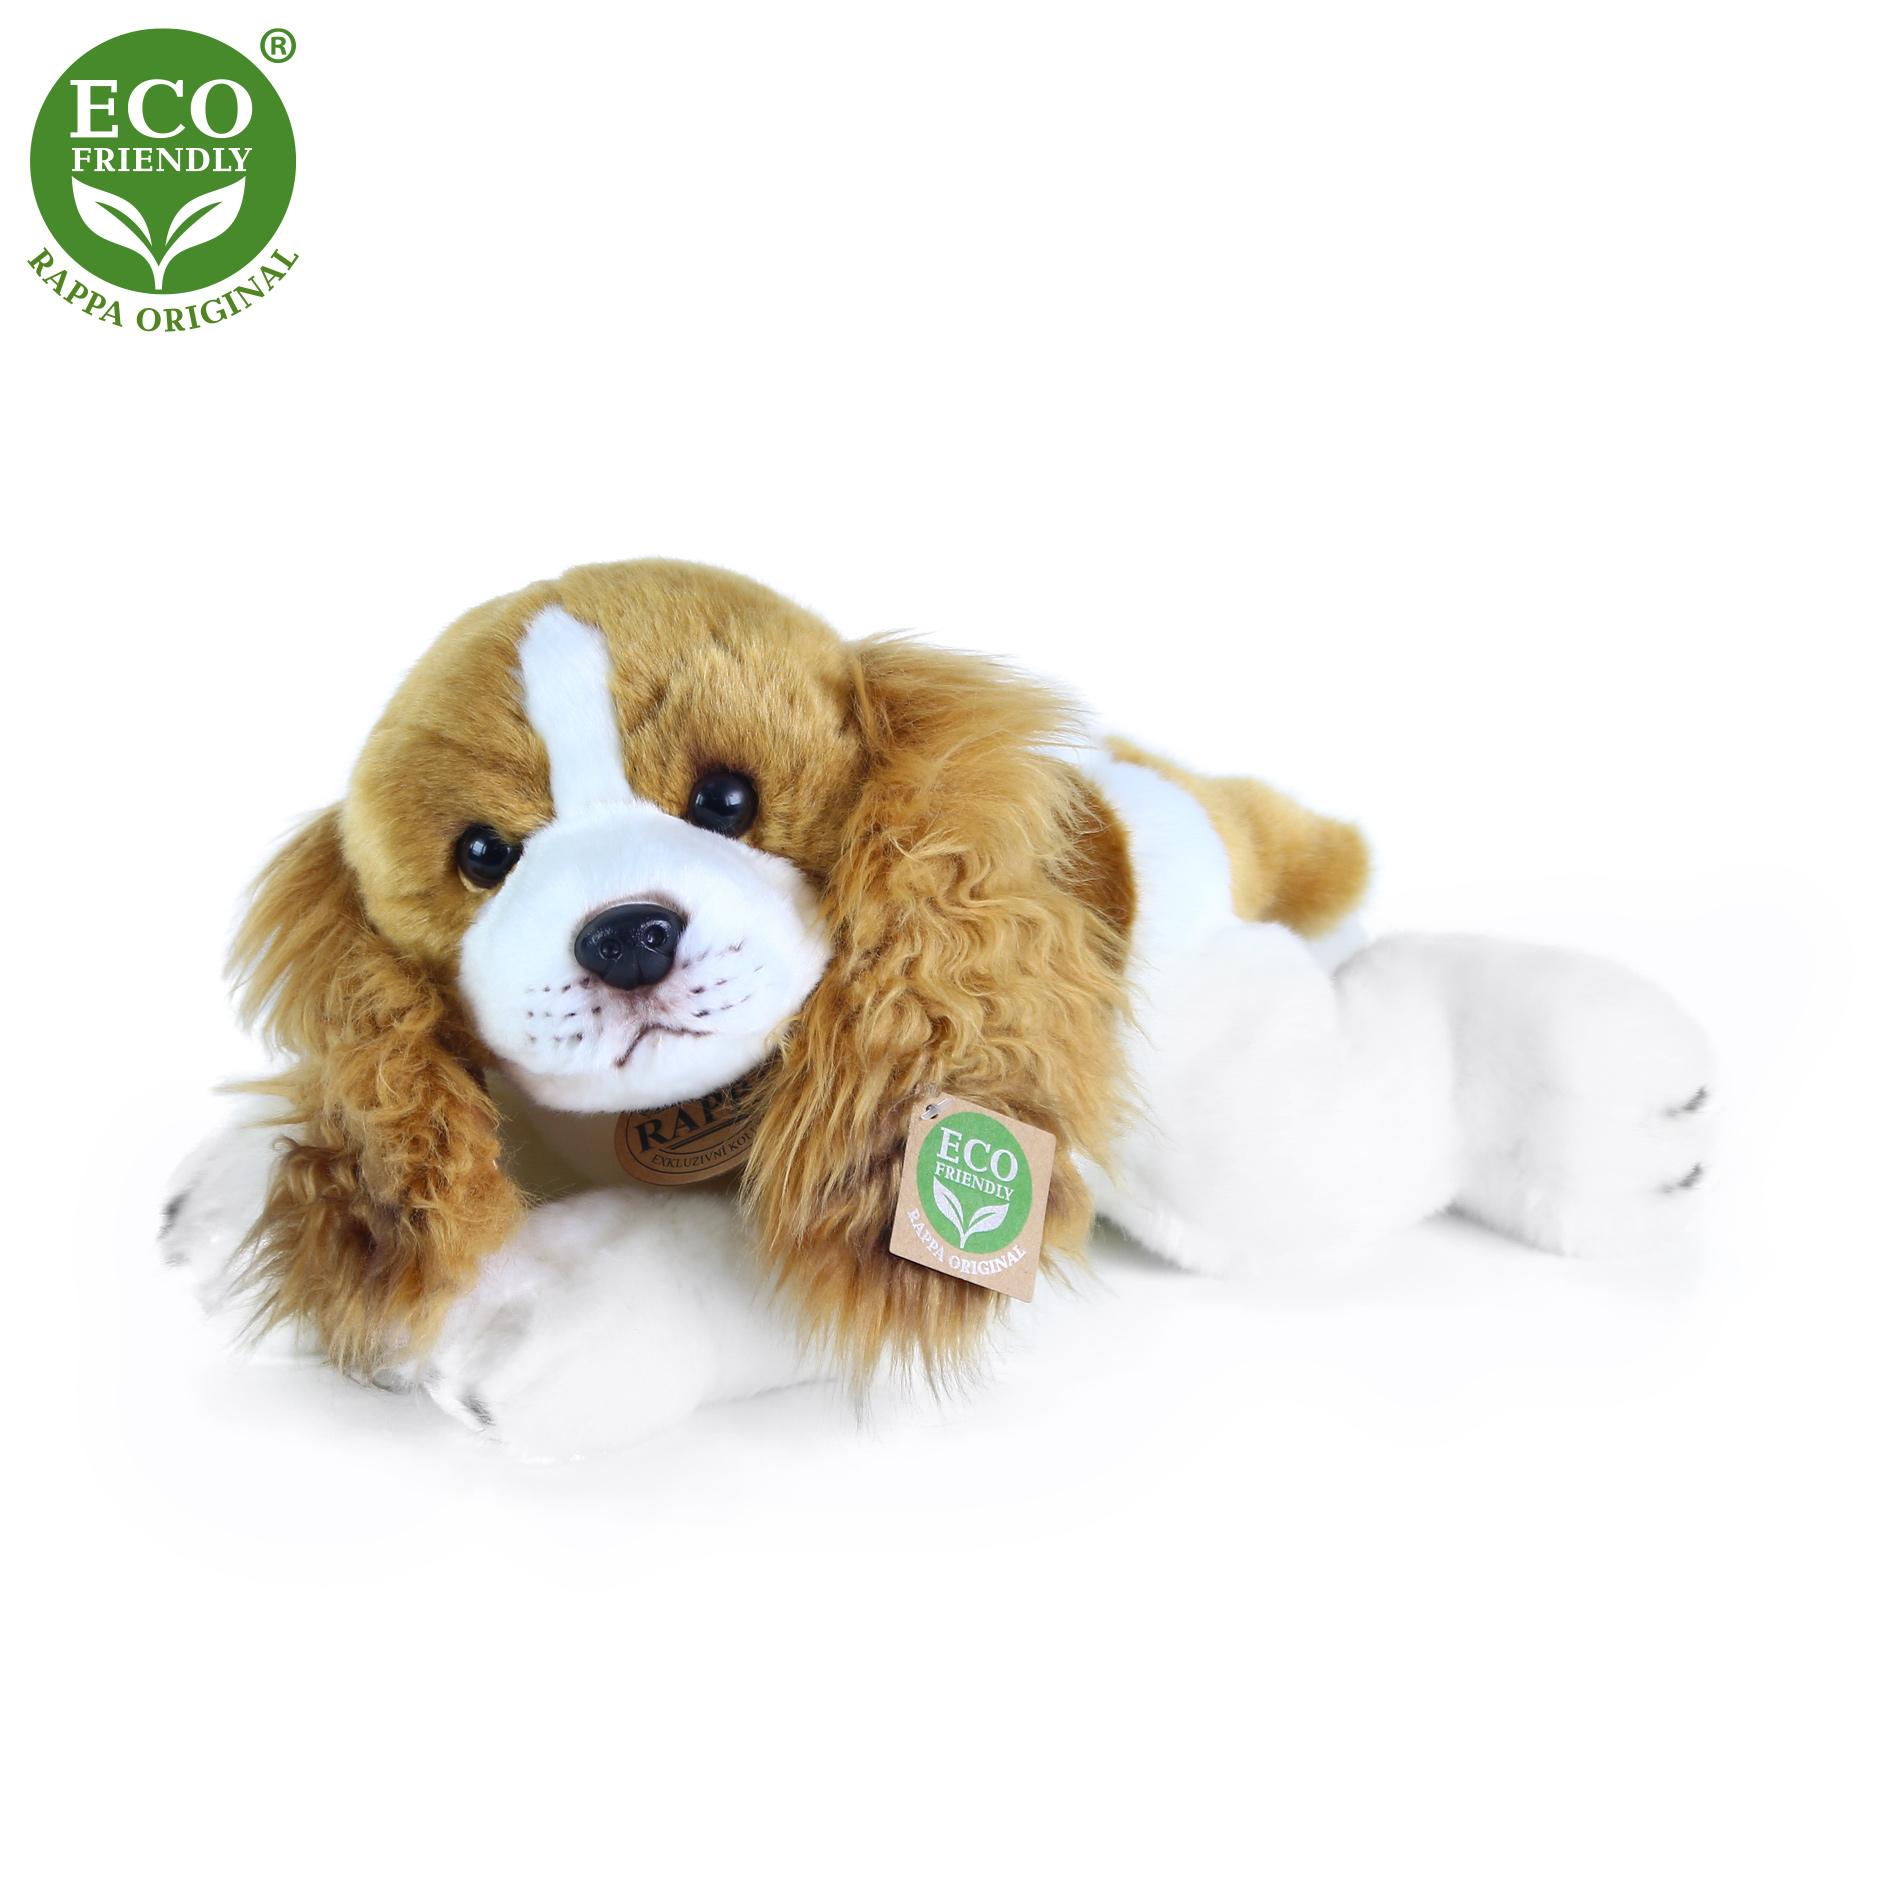 Plyšový pes Kavalír King Charles španěl ležící 30 cm ECO-FRIENDLY